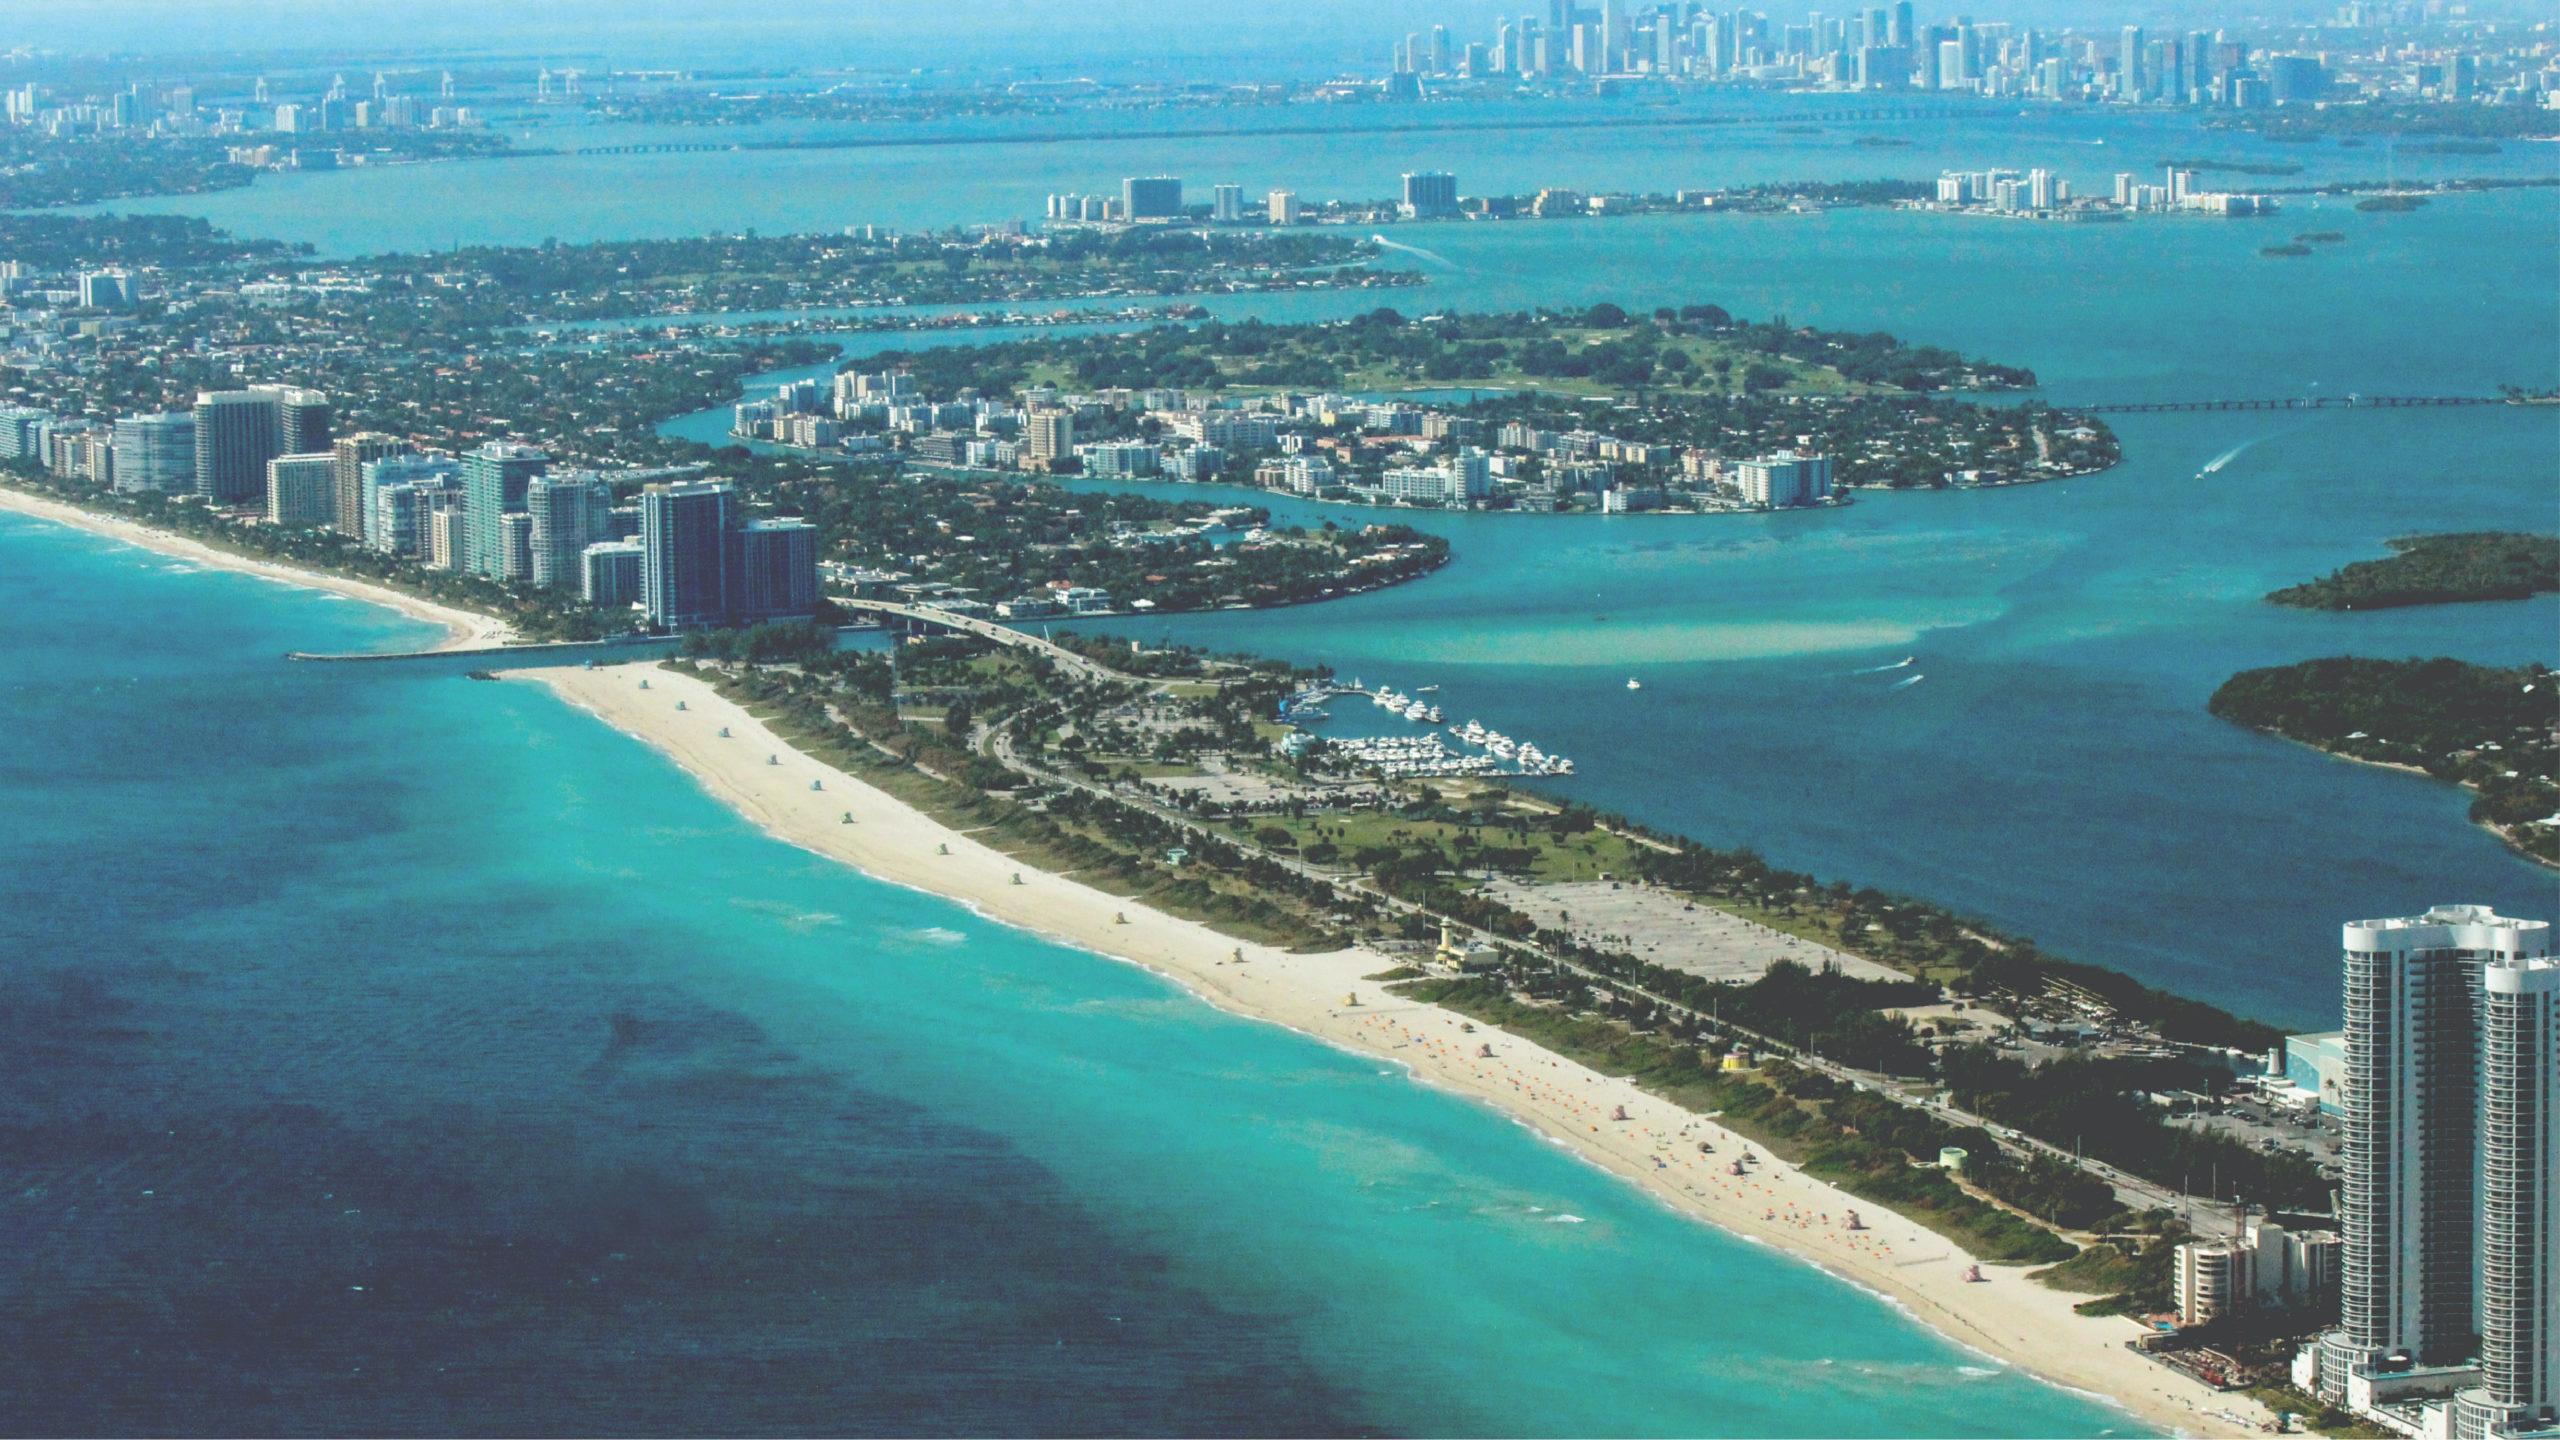 Prohíben nadar en bahía de Miami por derrame de aguas residuales